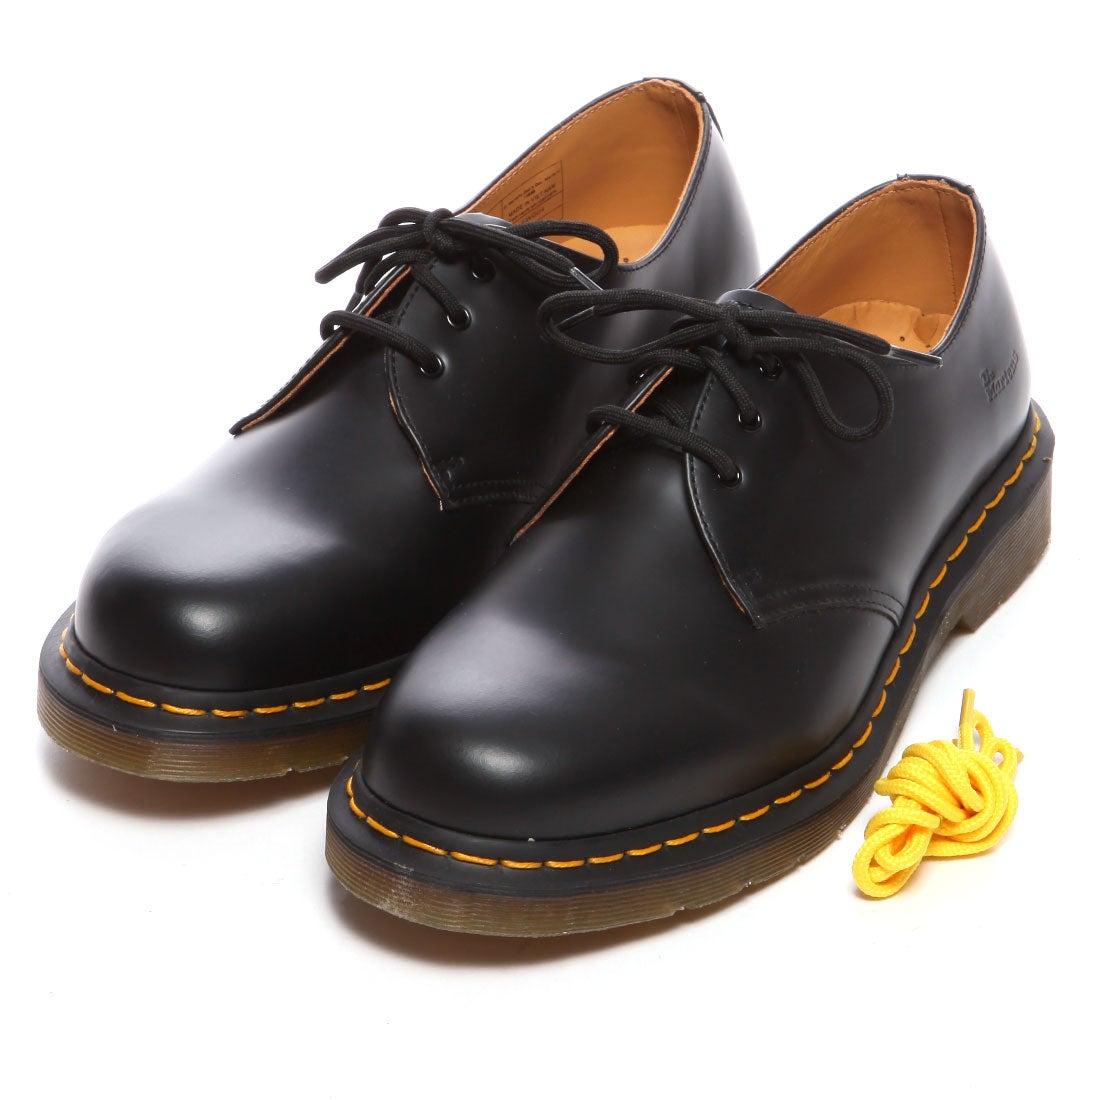 ドクターマーチン Dr.Martens 3アイレットシューズ(ブラック) ,靴とファッションの通販サイト ロコンド